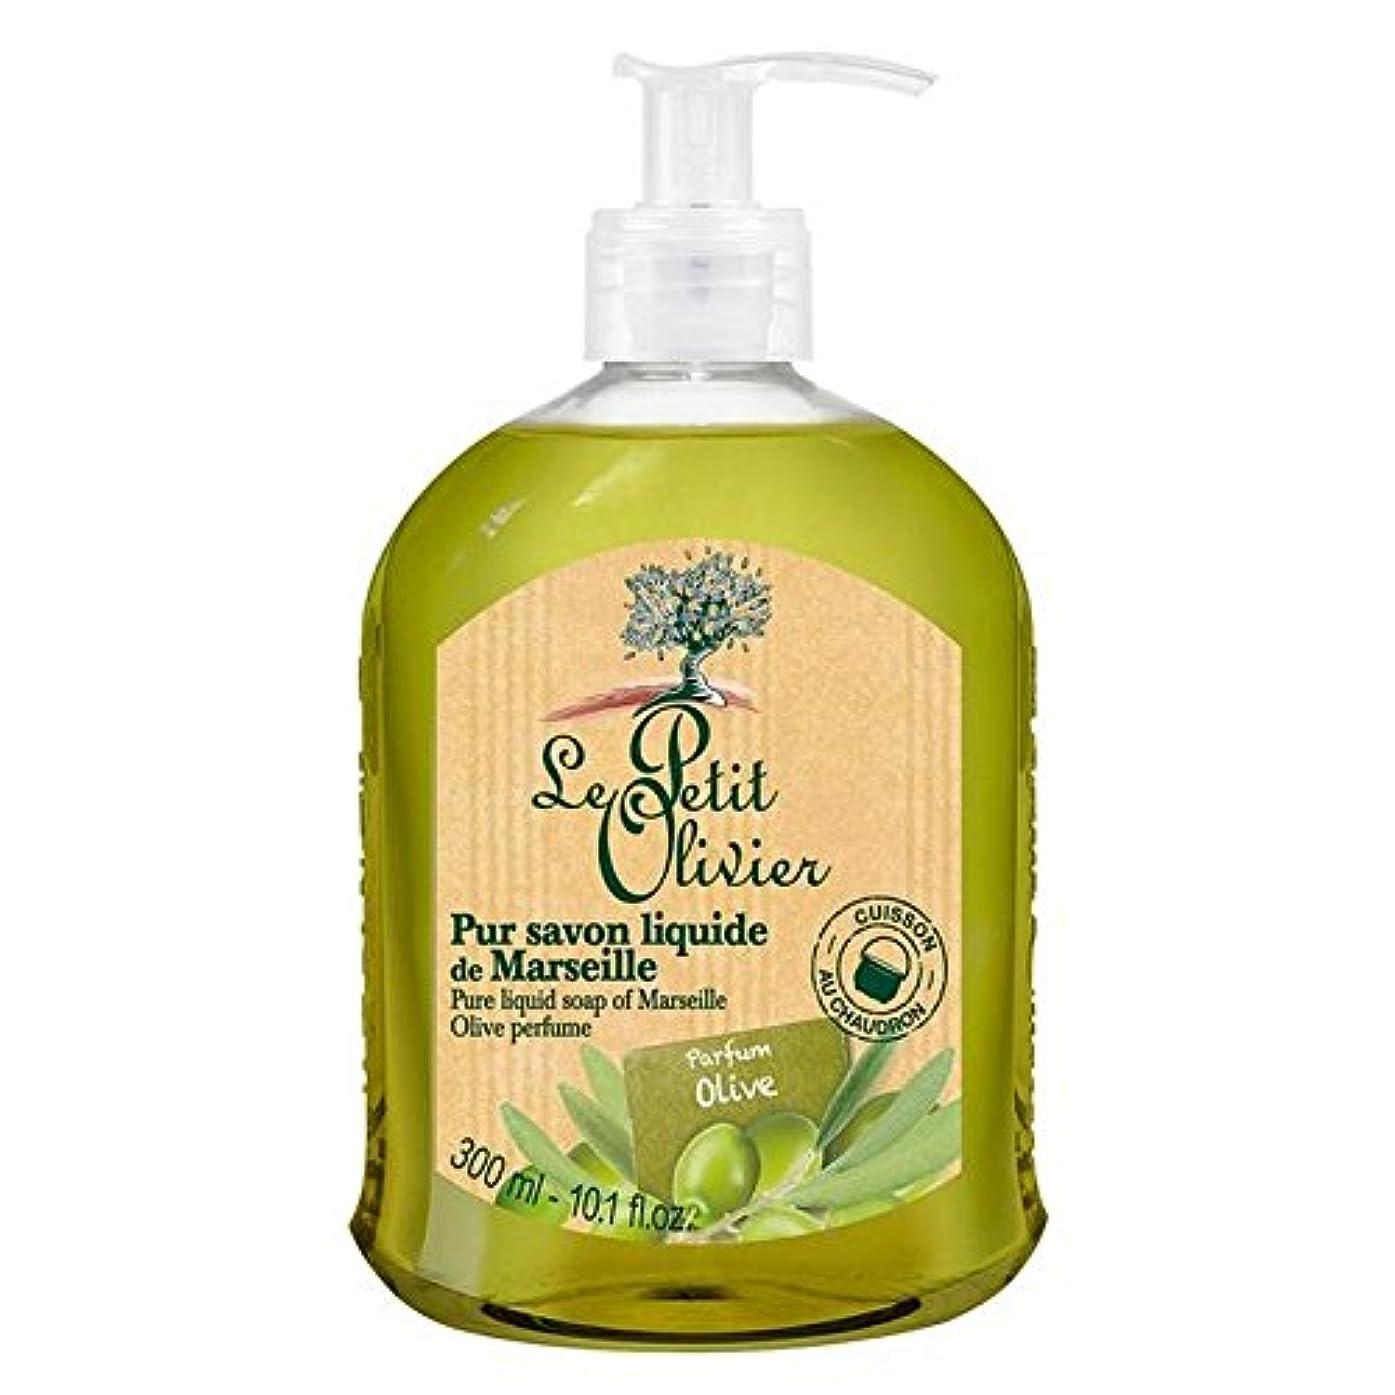 有用モジュールありがたいLe Petit Olivier Pure Liquid Soap of Marseille, Olive Oil 300ml (Pack of 6) - マルセイユのル?プティ?オリヴィエ純粋な液体石鹸、オリーブオイル...